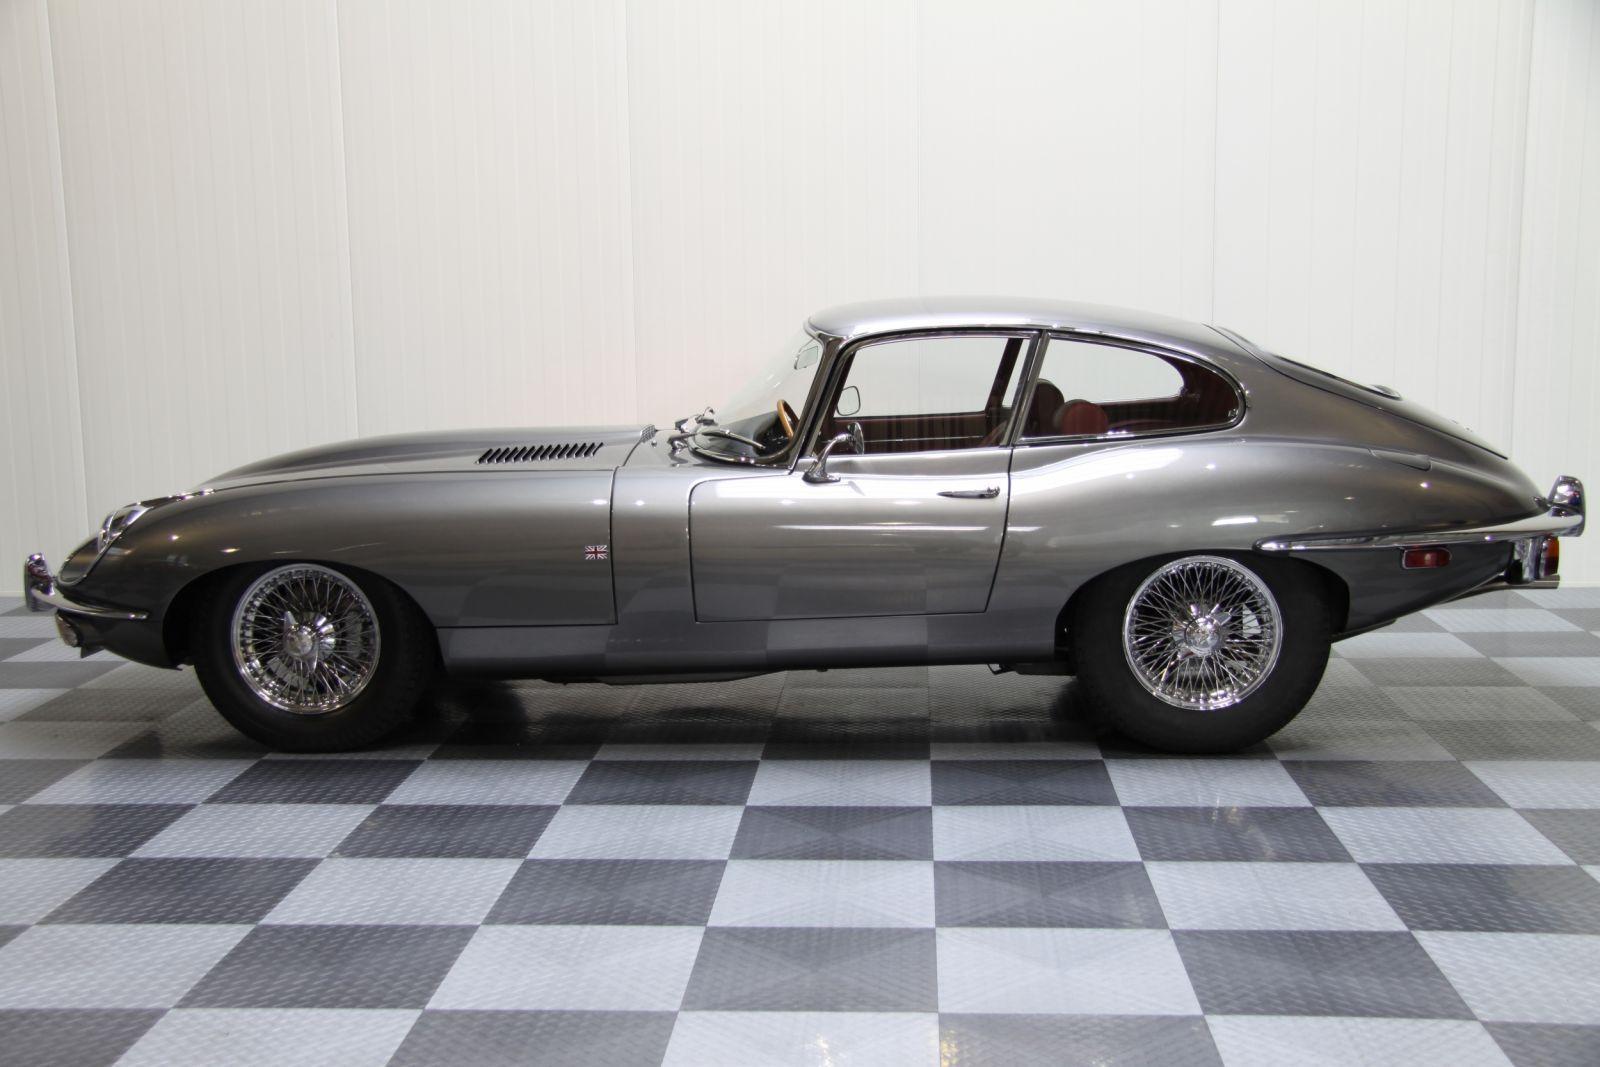 44+ Jaguar e type coupe 1961 ideas in 2021